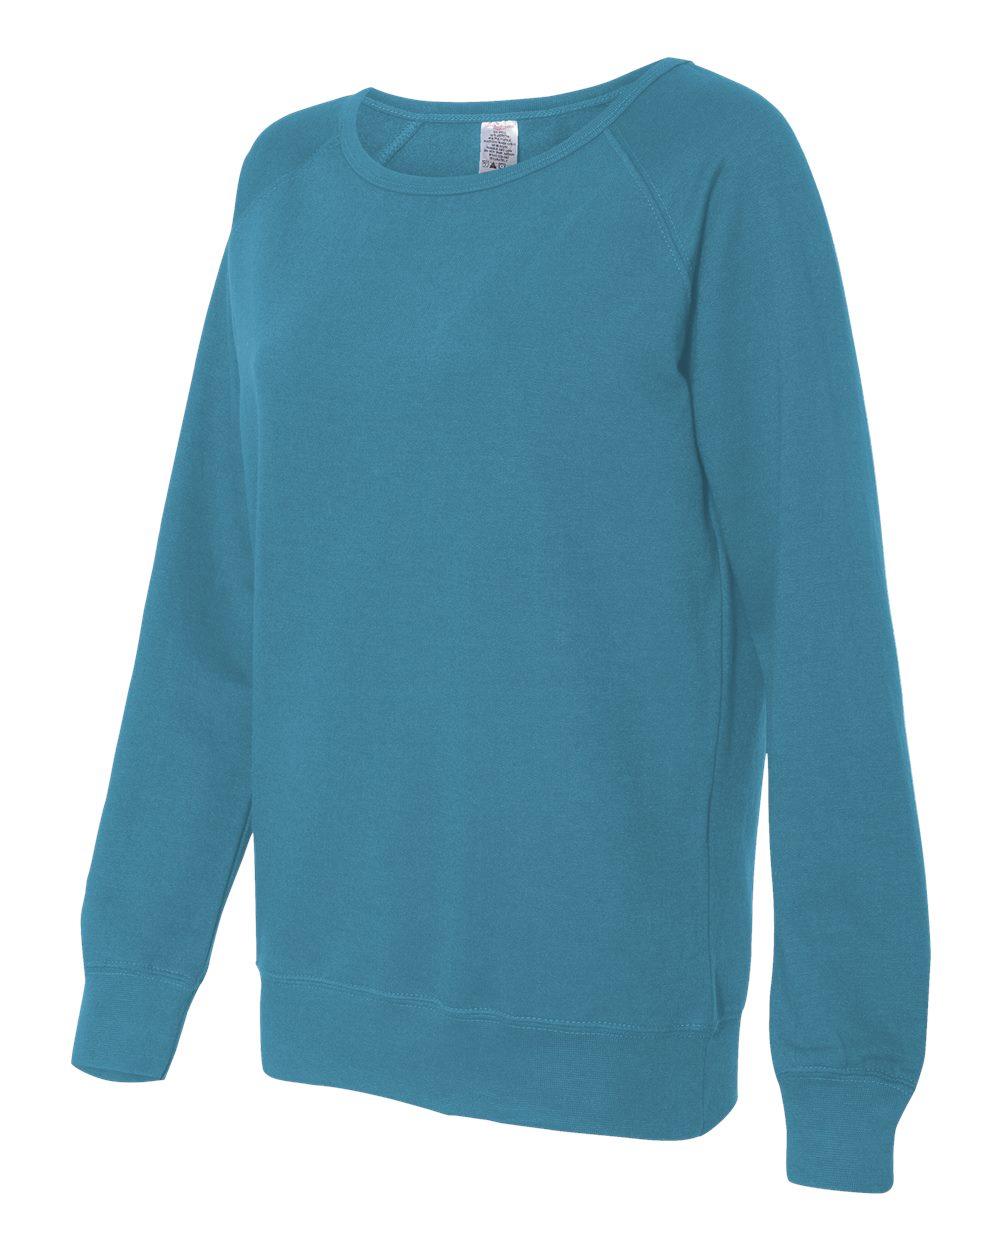 Independent Trading Co. Junior's Heavenly Fleece Crewneck Sweatshirt - SS240